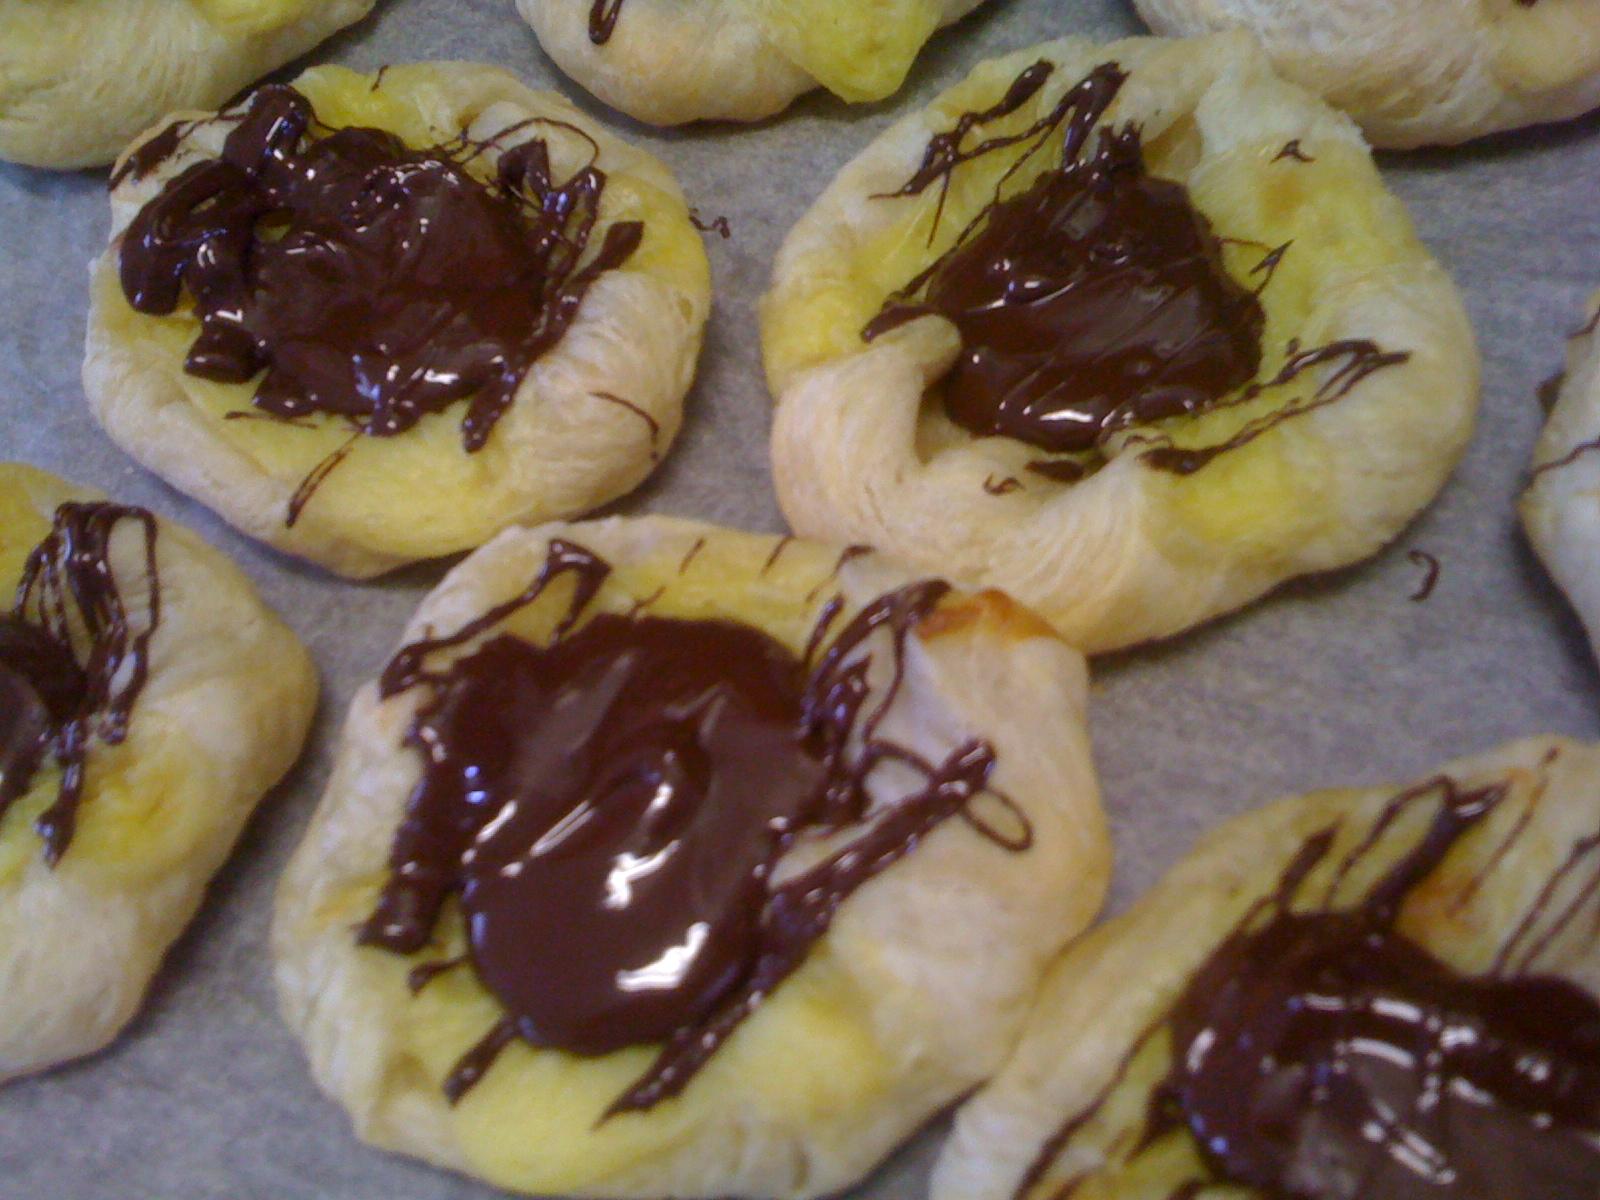 danska wienerbröd med choklad recept